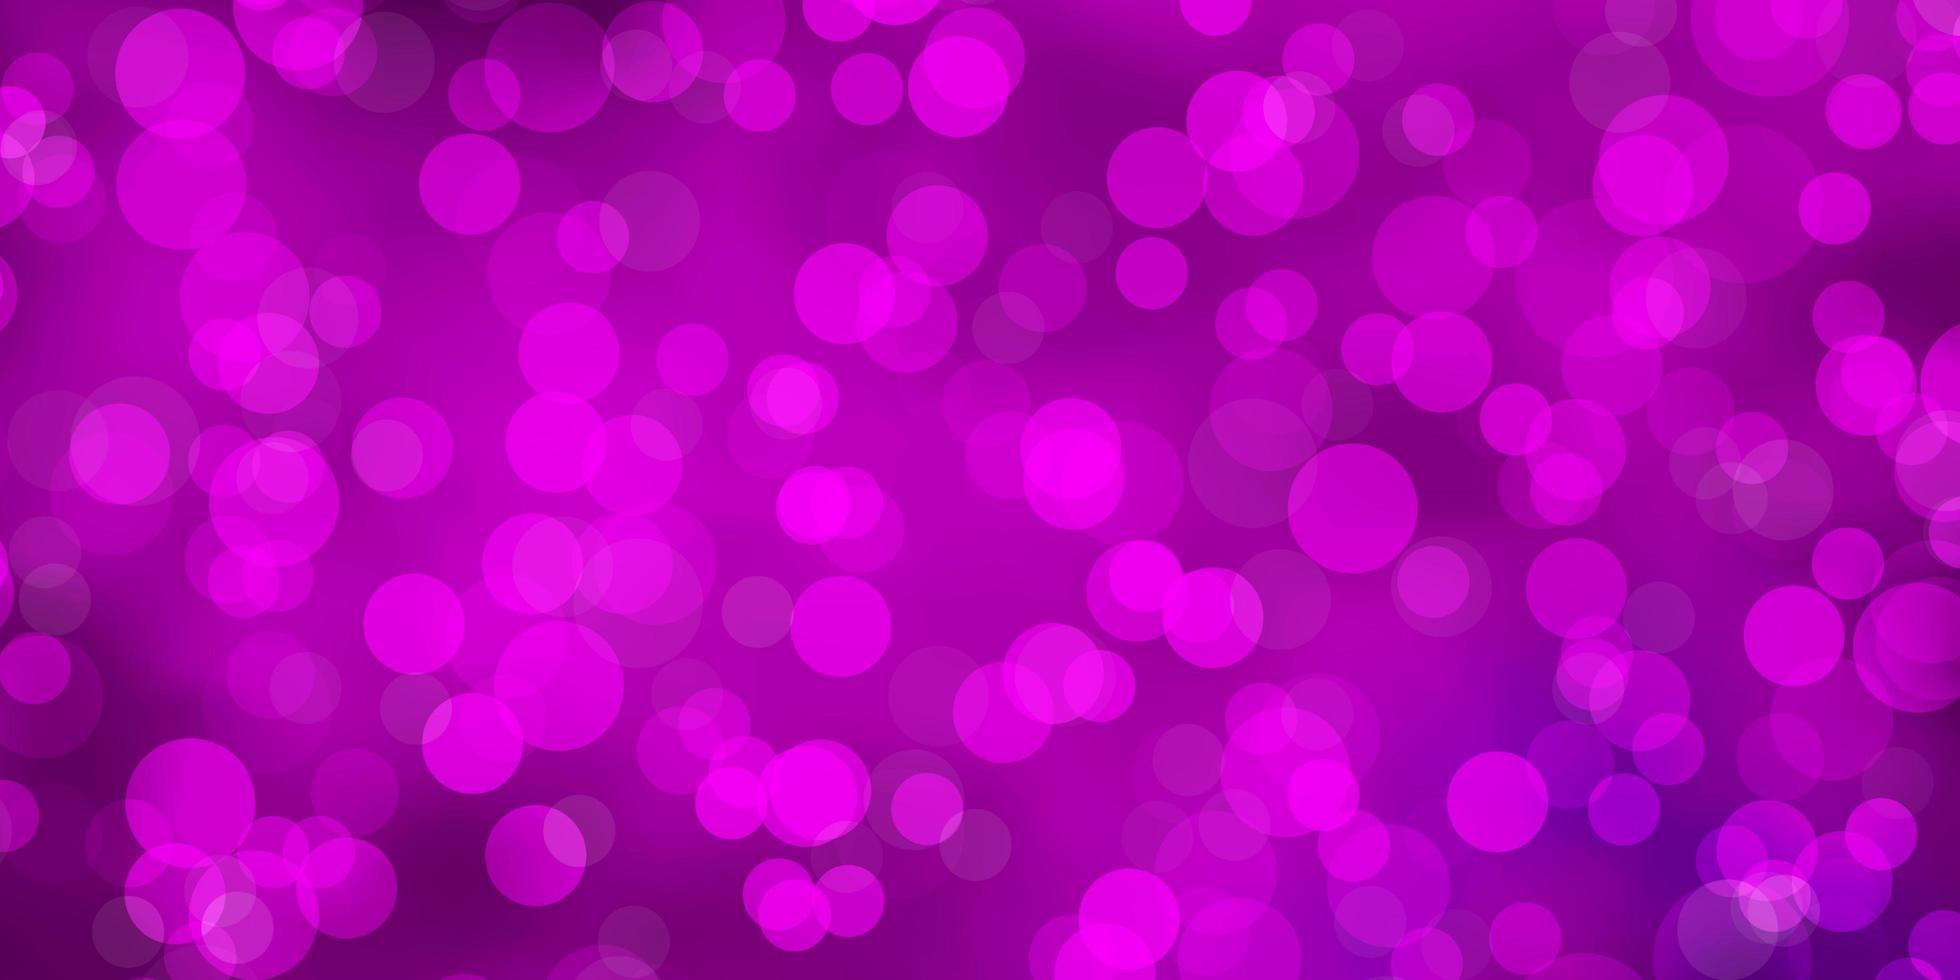 fundo rosa com círculos. vetor